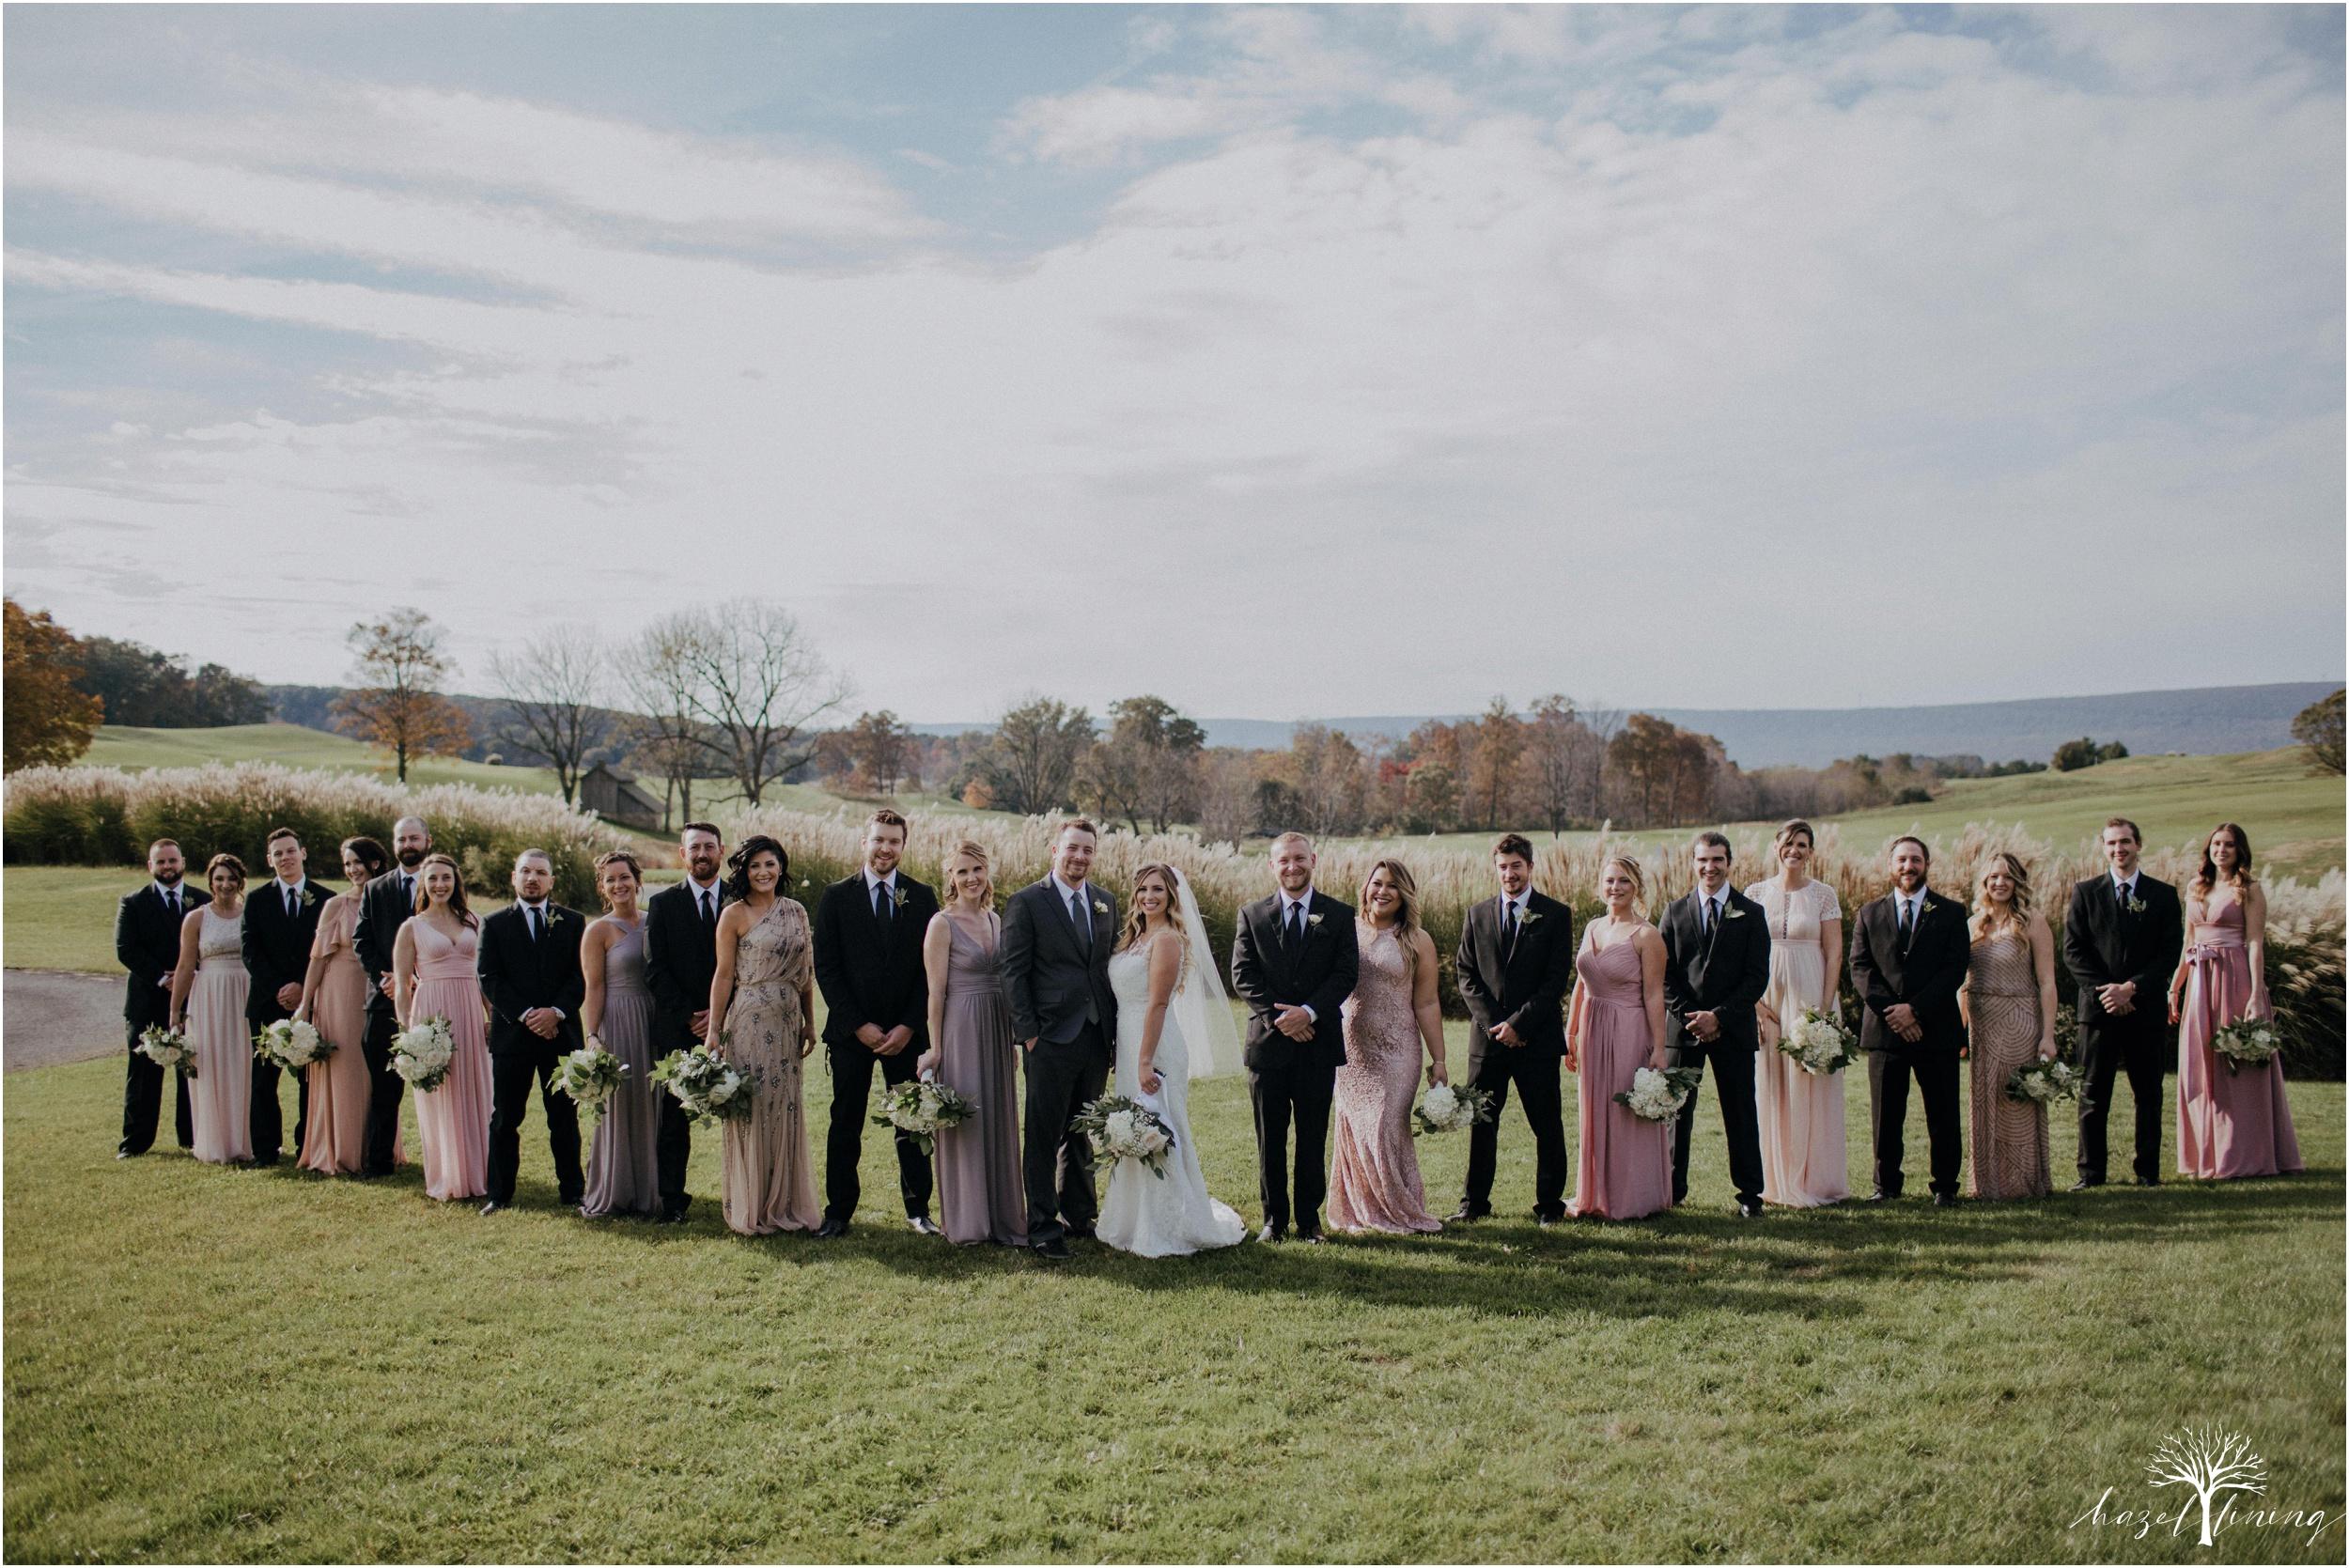 jessie-martin-zach-umlauf-olde-homestead-golfclub-outdoor-autumn-wedding_0087.jpg